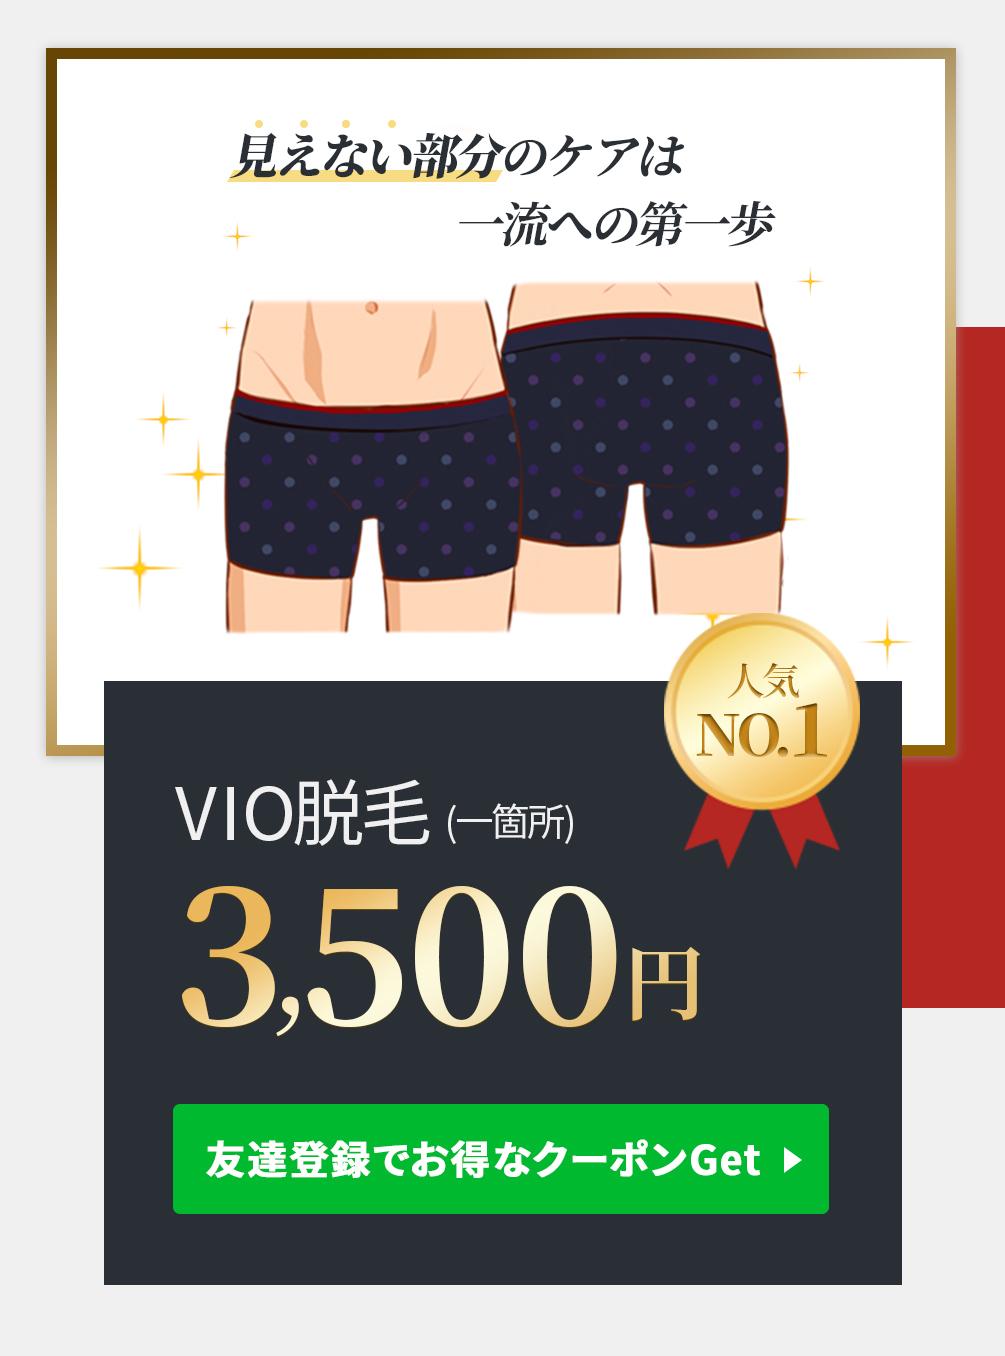 見えない部分のケアは 一流への第一歩VIO脱毛(1箇所)3500円